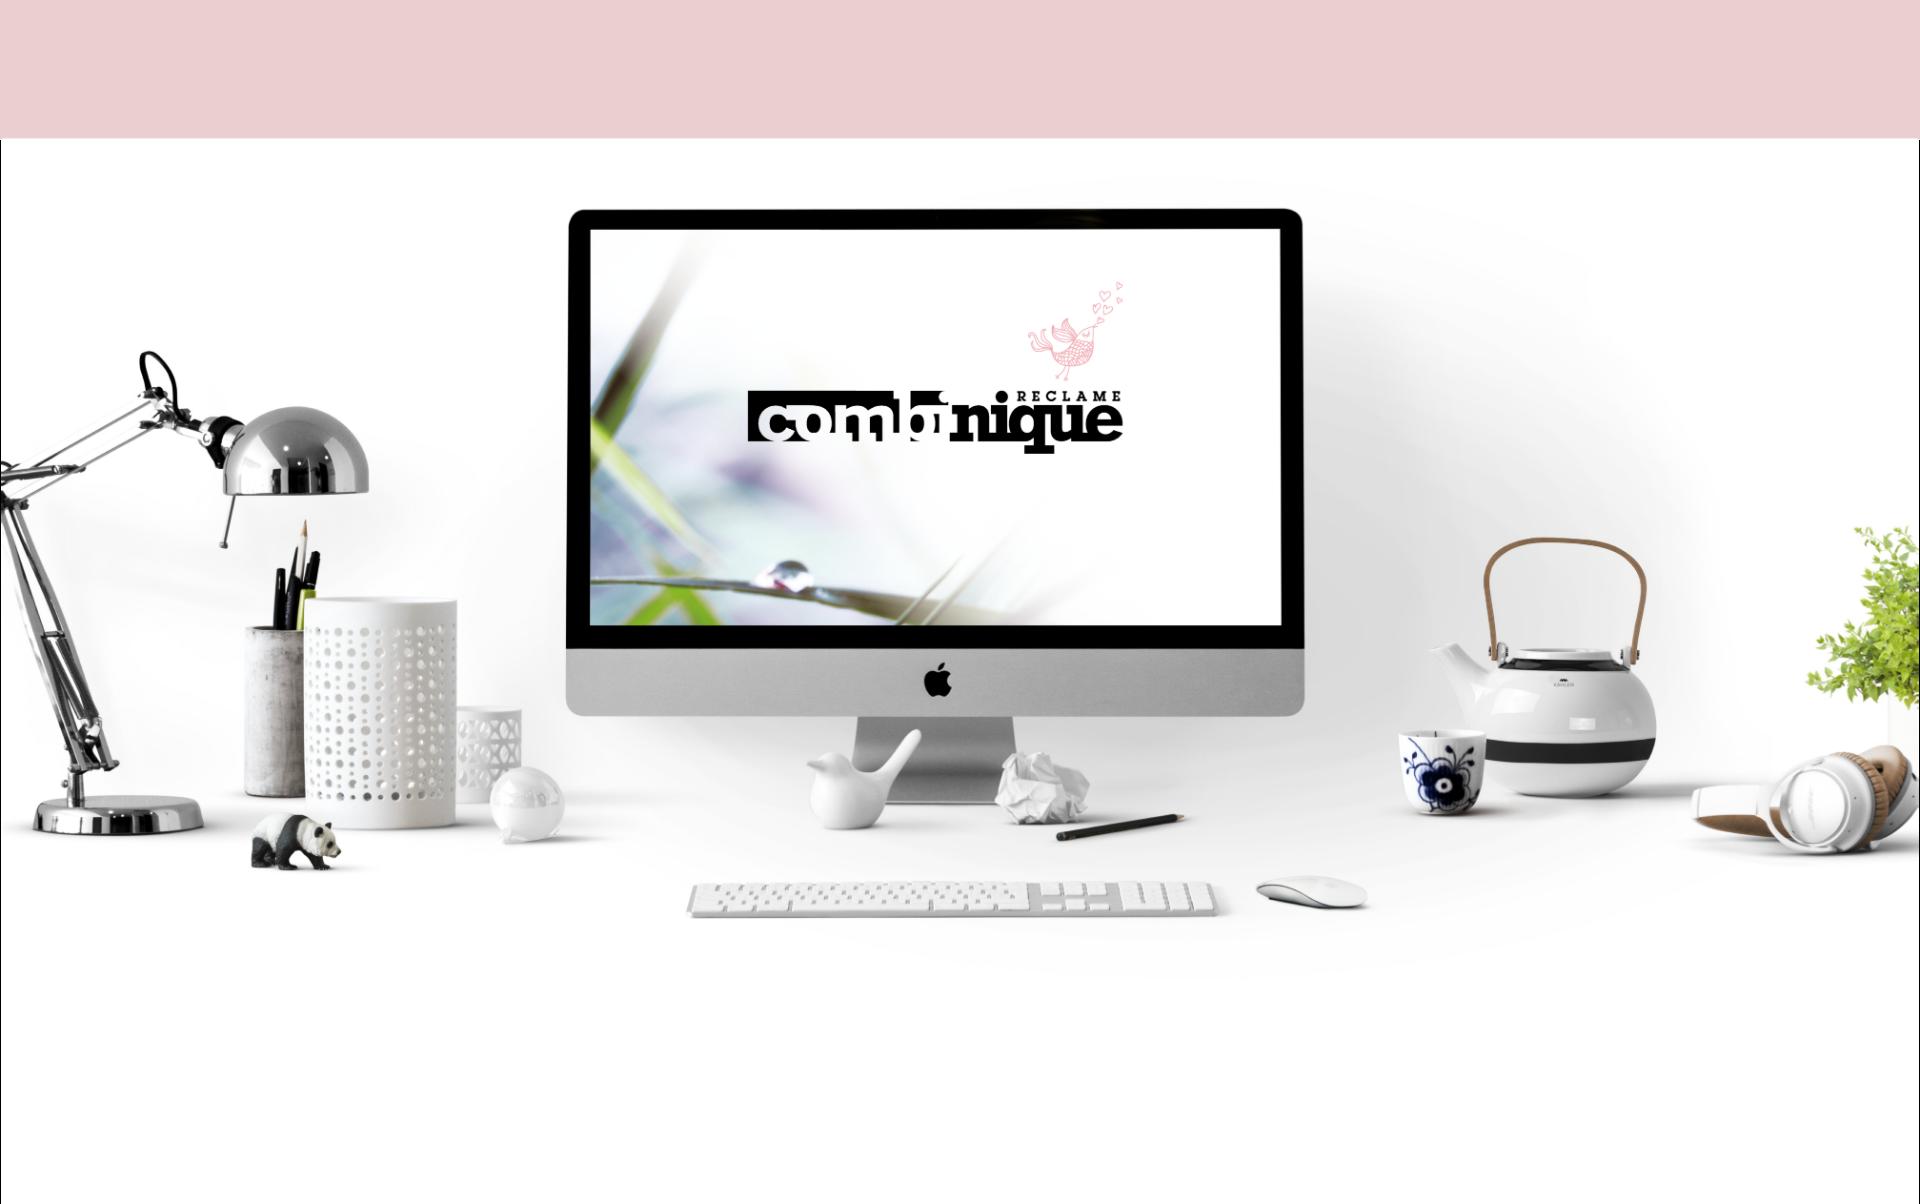 Combinique-Reclame-achtergrond-roze-klein